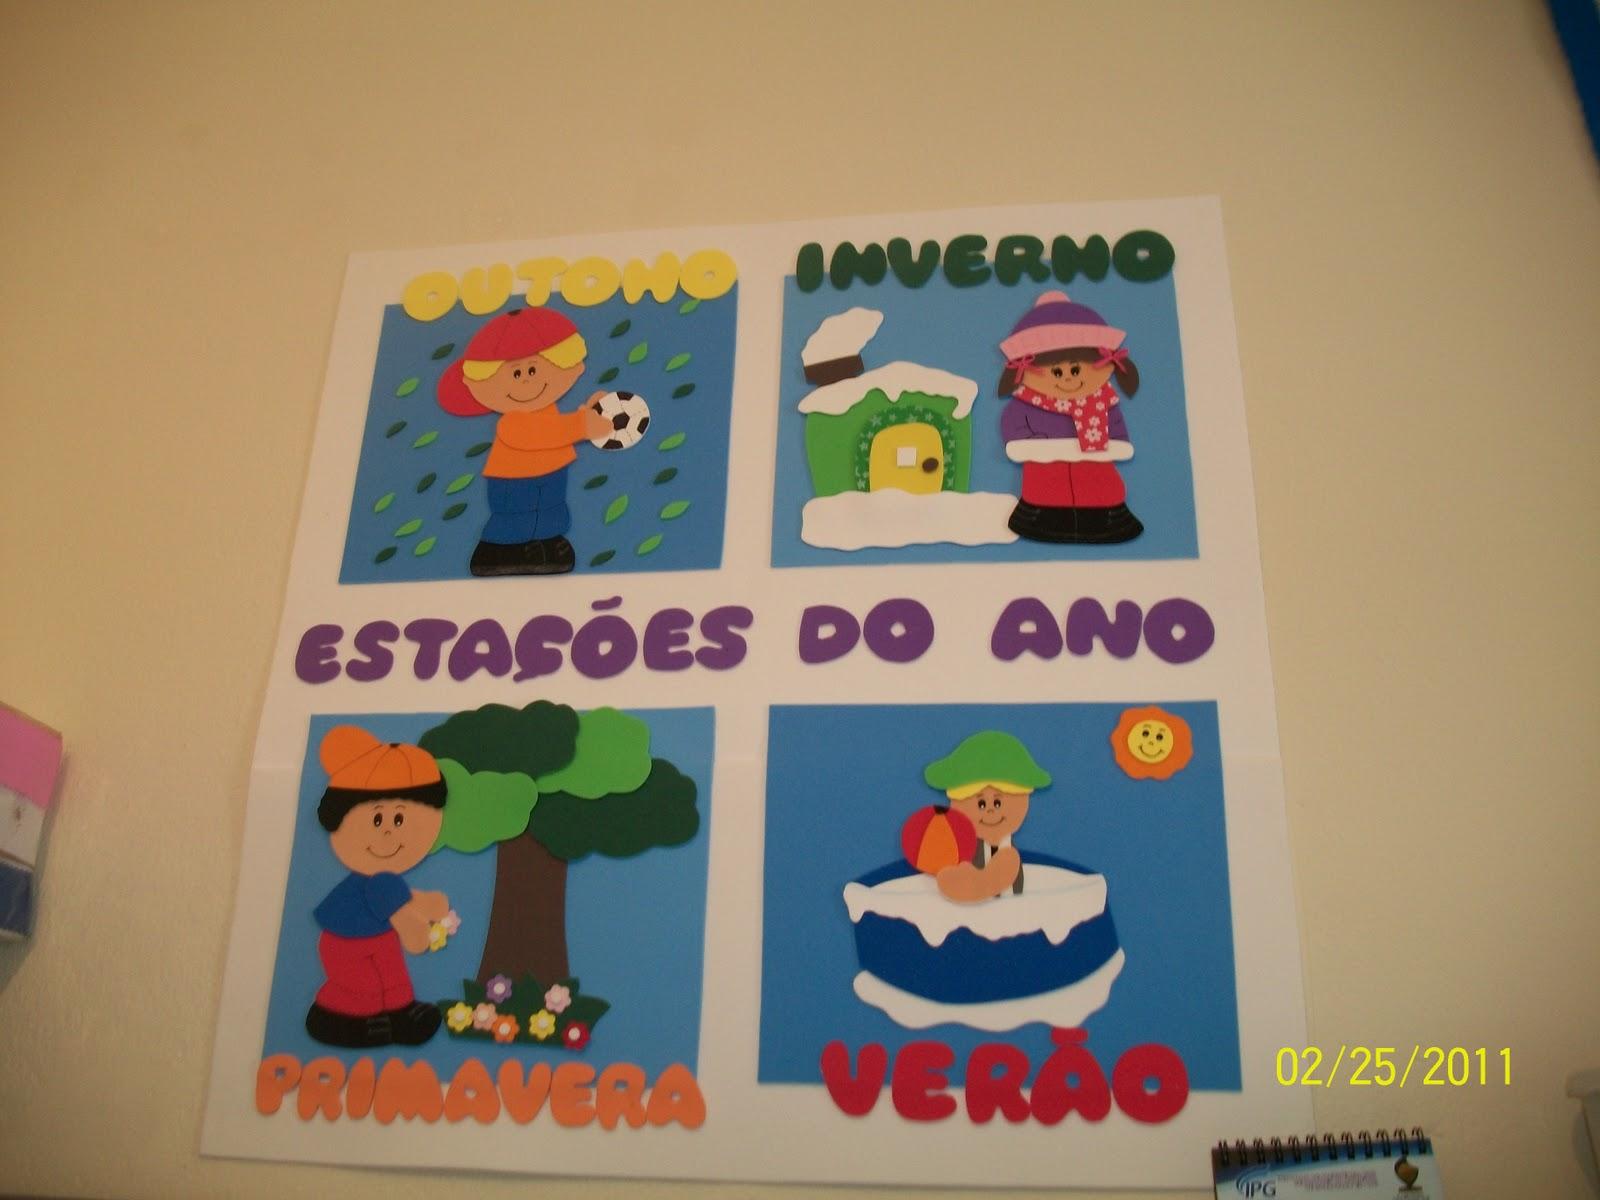 municipal de Educação Infantil que eu estou como Pedagoga este ano